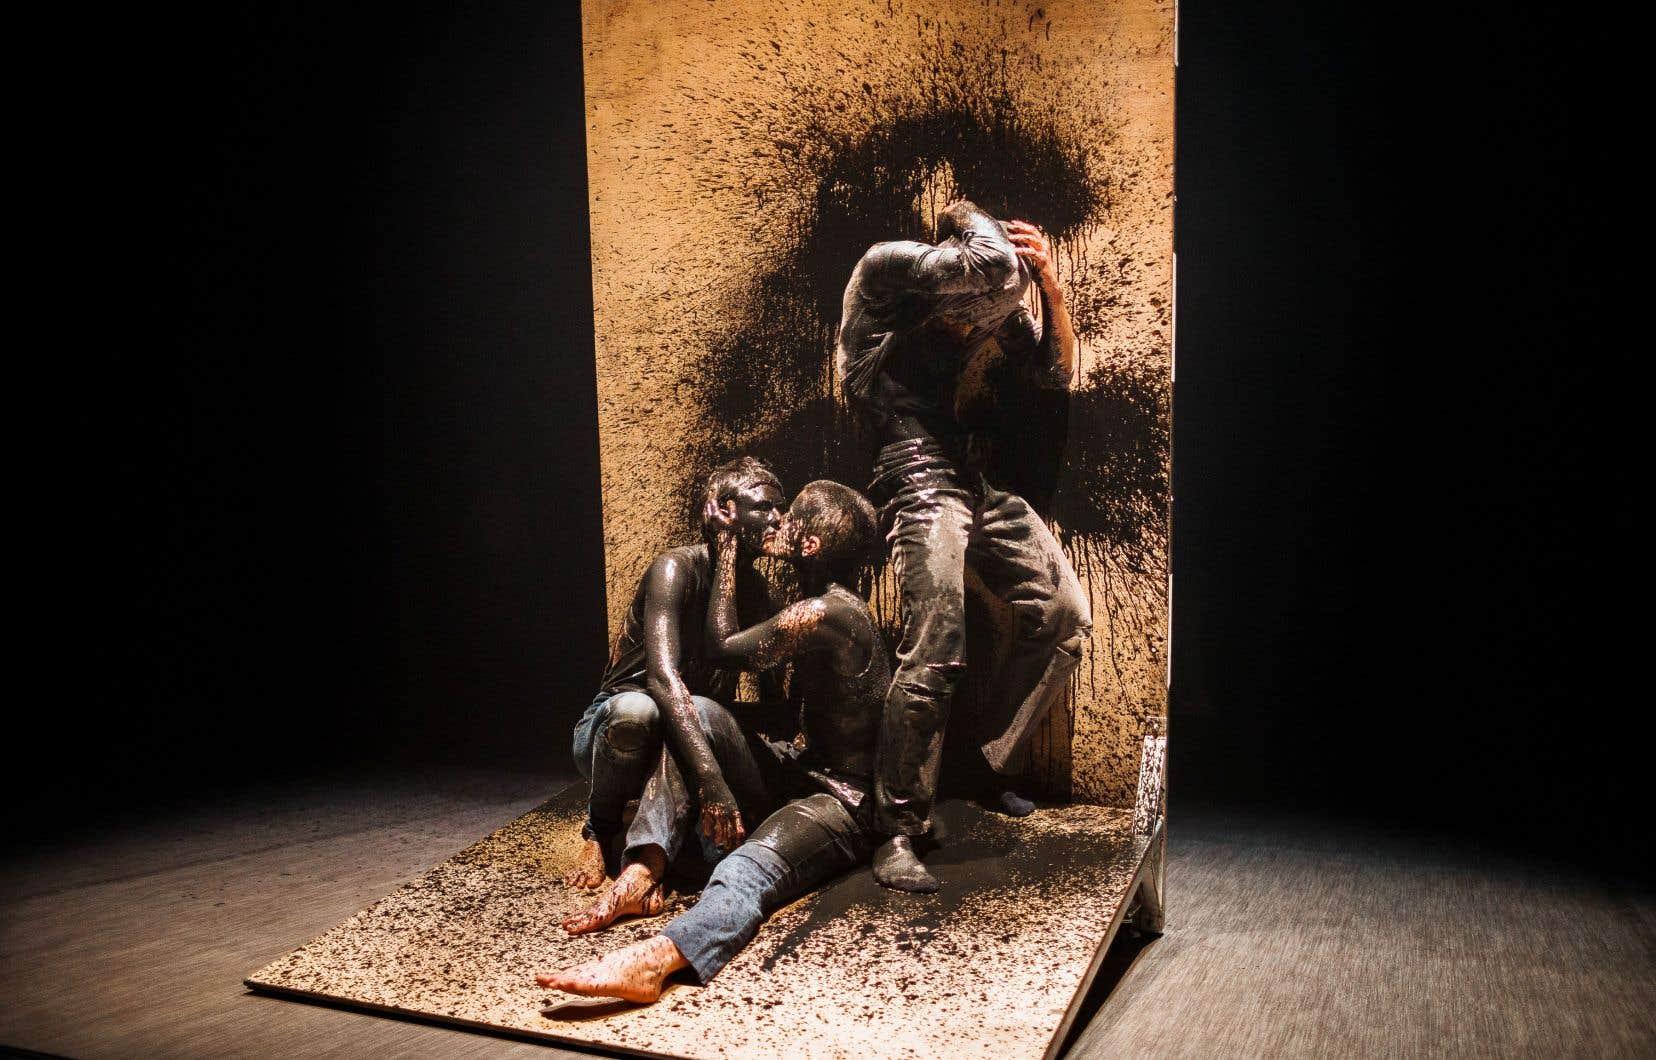 De ce tableau sensationnel que construisent les danseurs d'Alan Lake sous nos yeux en répétition, une touche cinématographique se dégage.